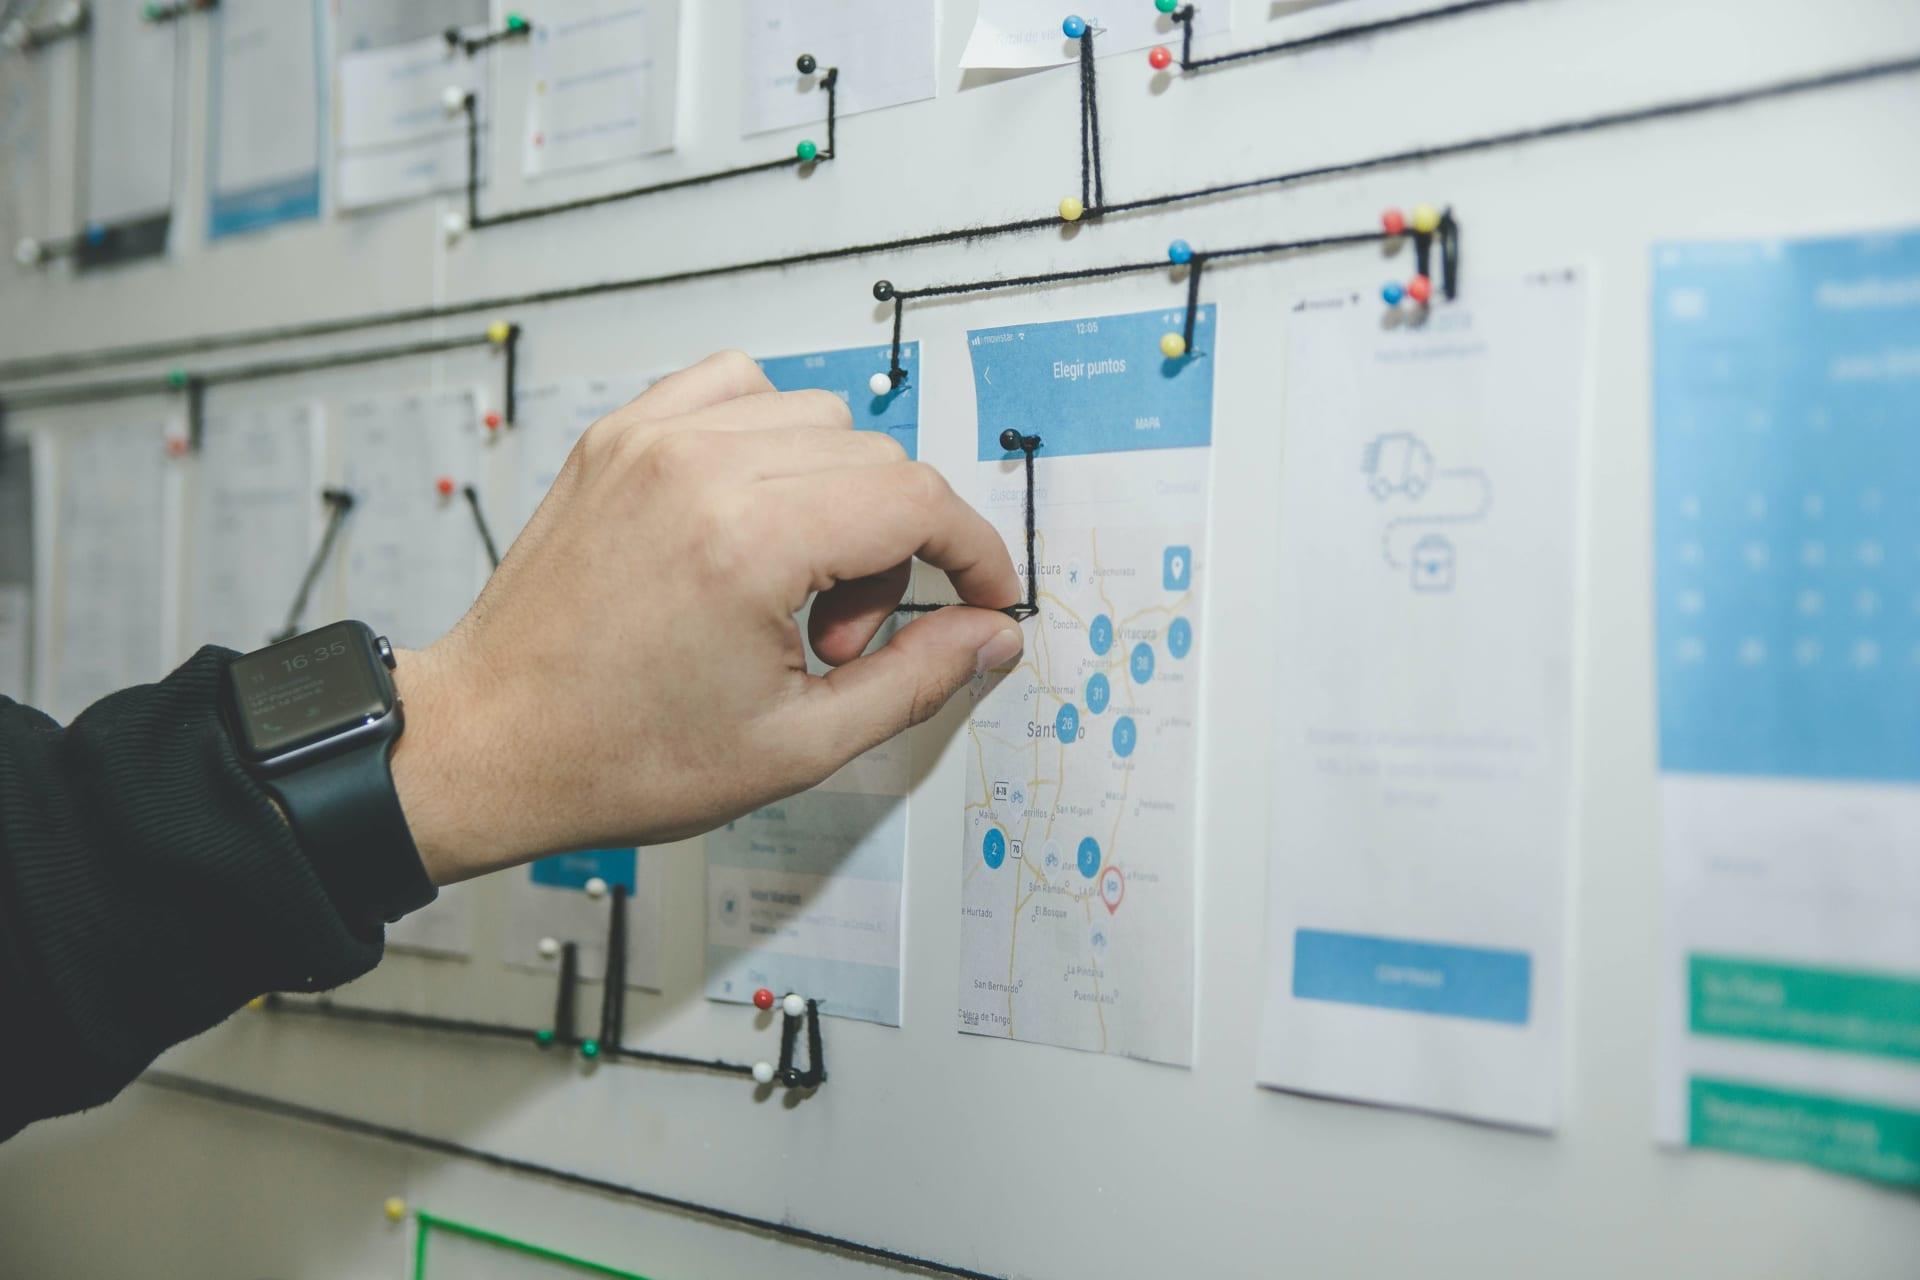 営業計画の立て方|見込みの精度を上げる方法とは?|Senses Lab.|アイキャッチ画像